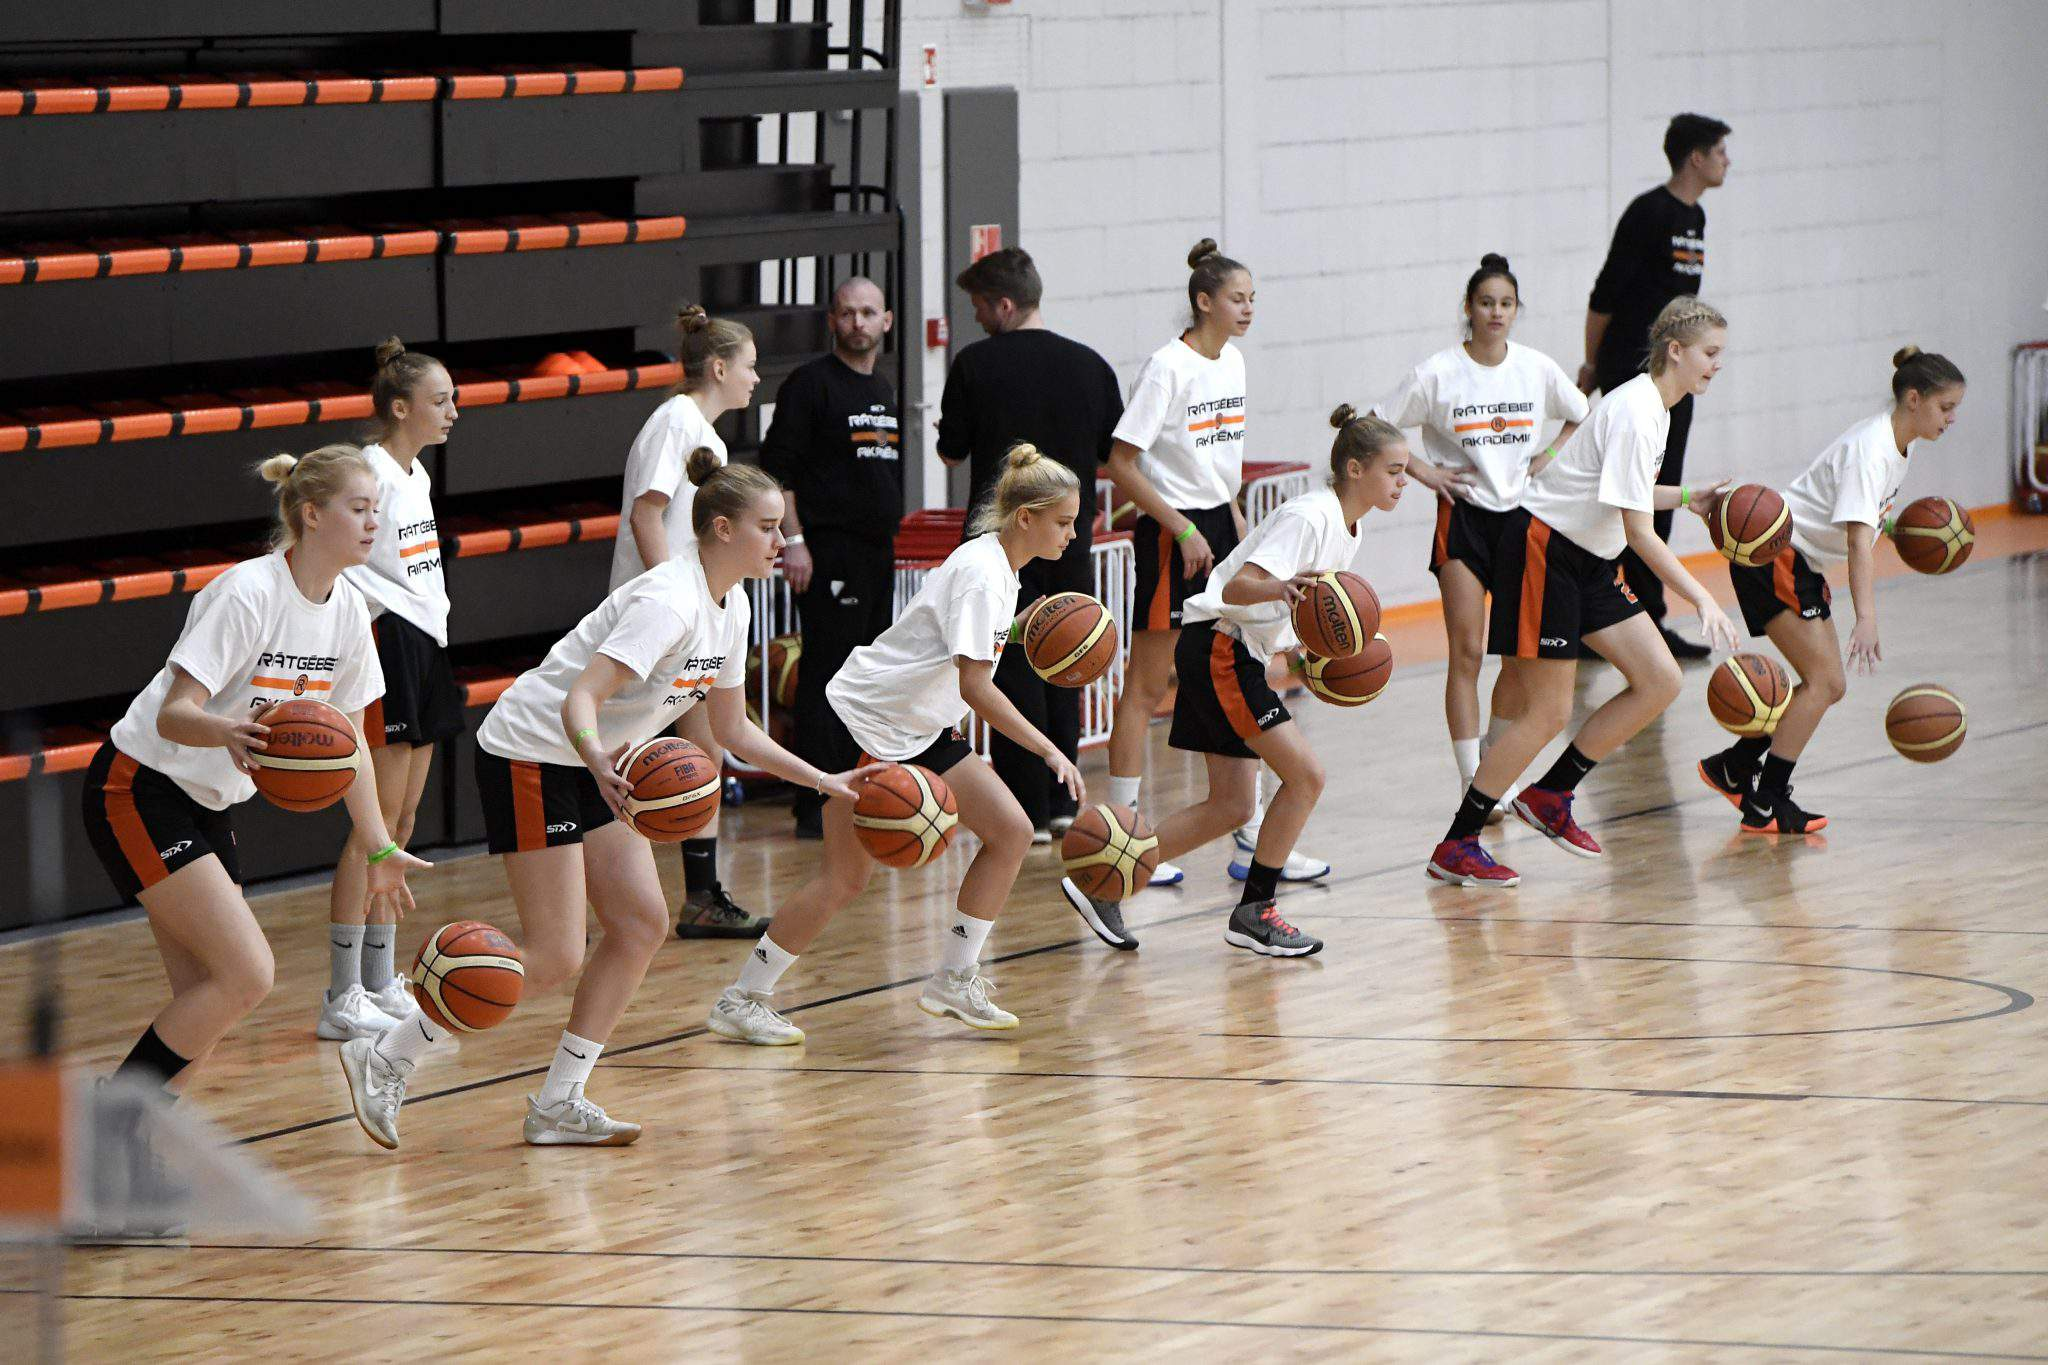 national basketball academy Pécs